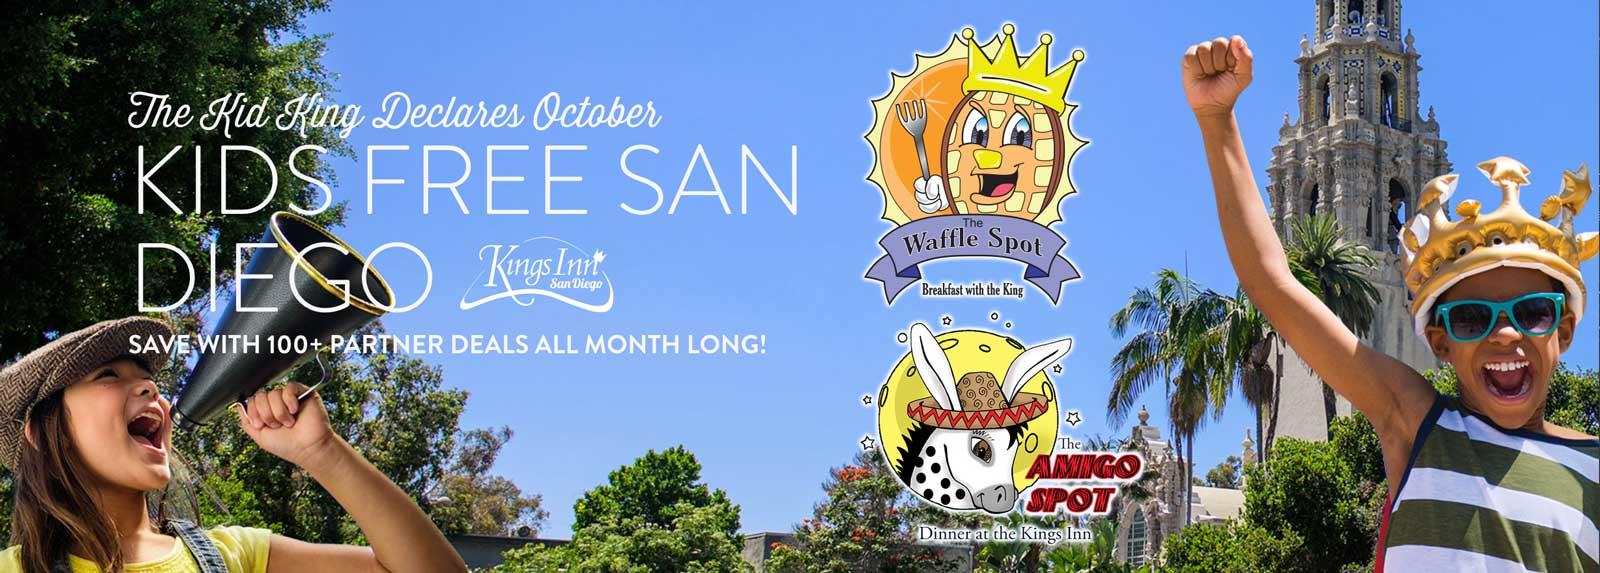 kids free san diego restaurants